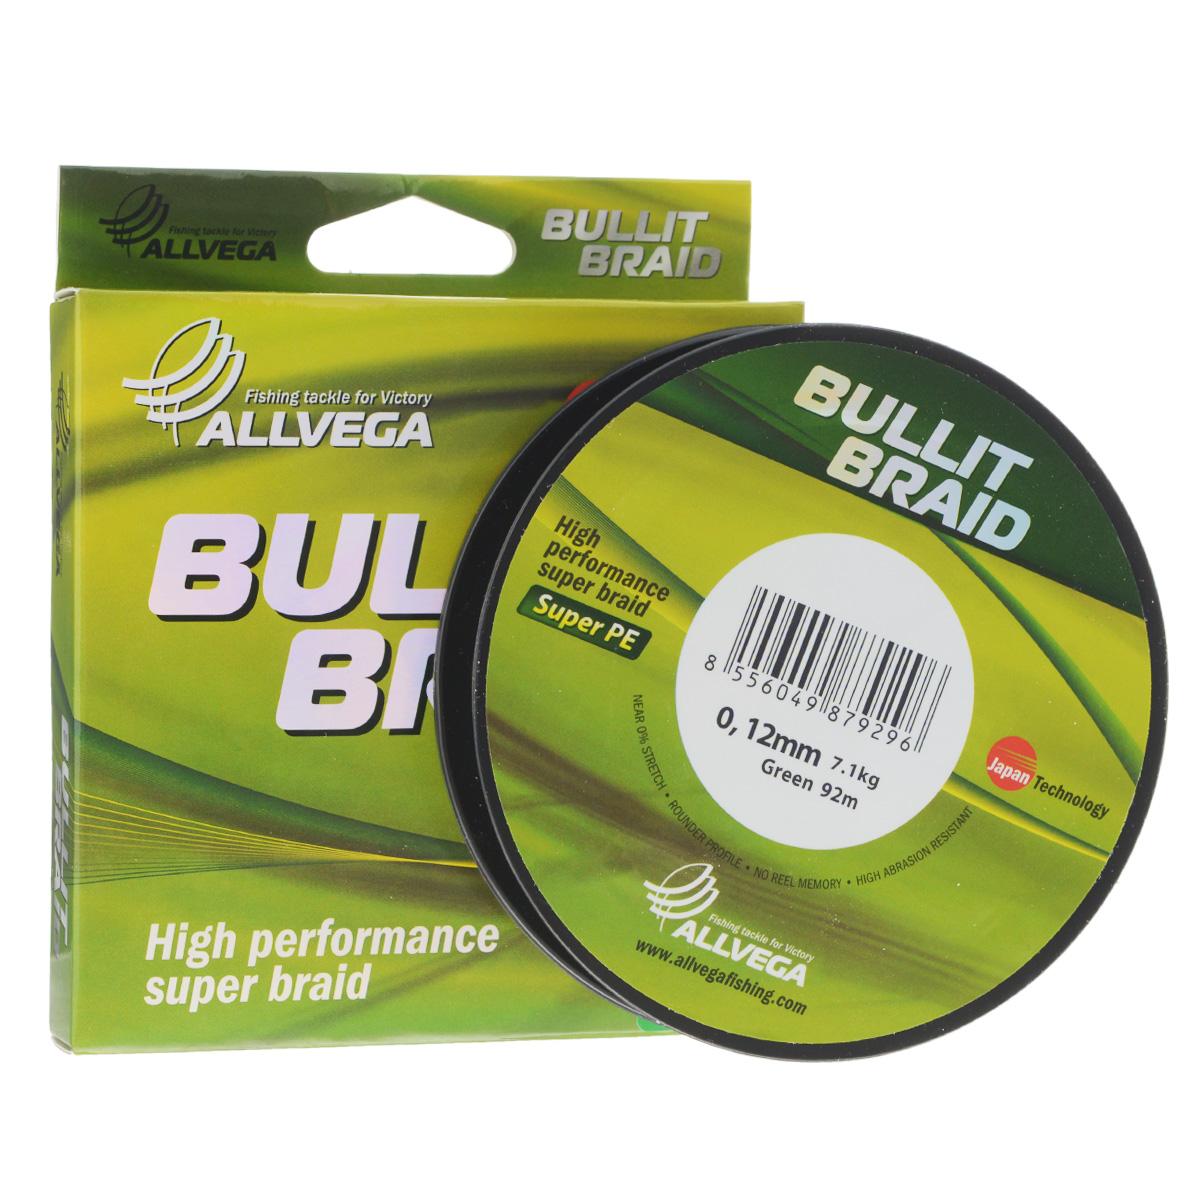 Леска плетеная Allvega Bullit Braid, цвет: темно-зеленый, 92 м, 0,12 мм, 7,1 кг21420Леска Allvega Bullit Braid с гладкой поверхностью и одинаковым сечением по всей длине обладает высокой износостойкостью. Благодаря микроволокнам полиэтилена (Super PE) леска имеет очень плотное плетение и не впитывает воду. Леску Allvega Bullit Braid можно применять в любых типах водоемов. Особенности: повышенная износостойкость; высокая чувствительность - коэффициент растяжения близок к нулю; отсутствует память; идеально гладкая поверхность позволяет увеличить дальность забросов; высокая прочность шнура на узлах.